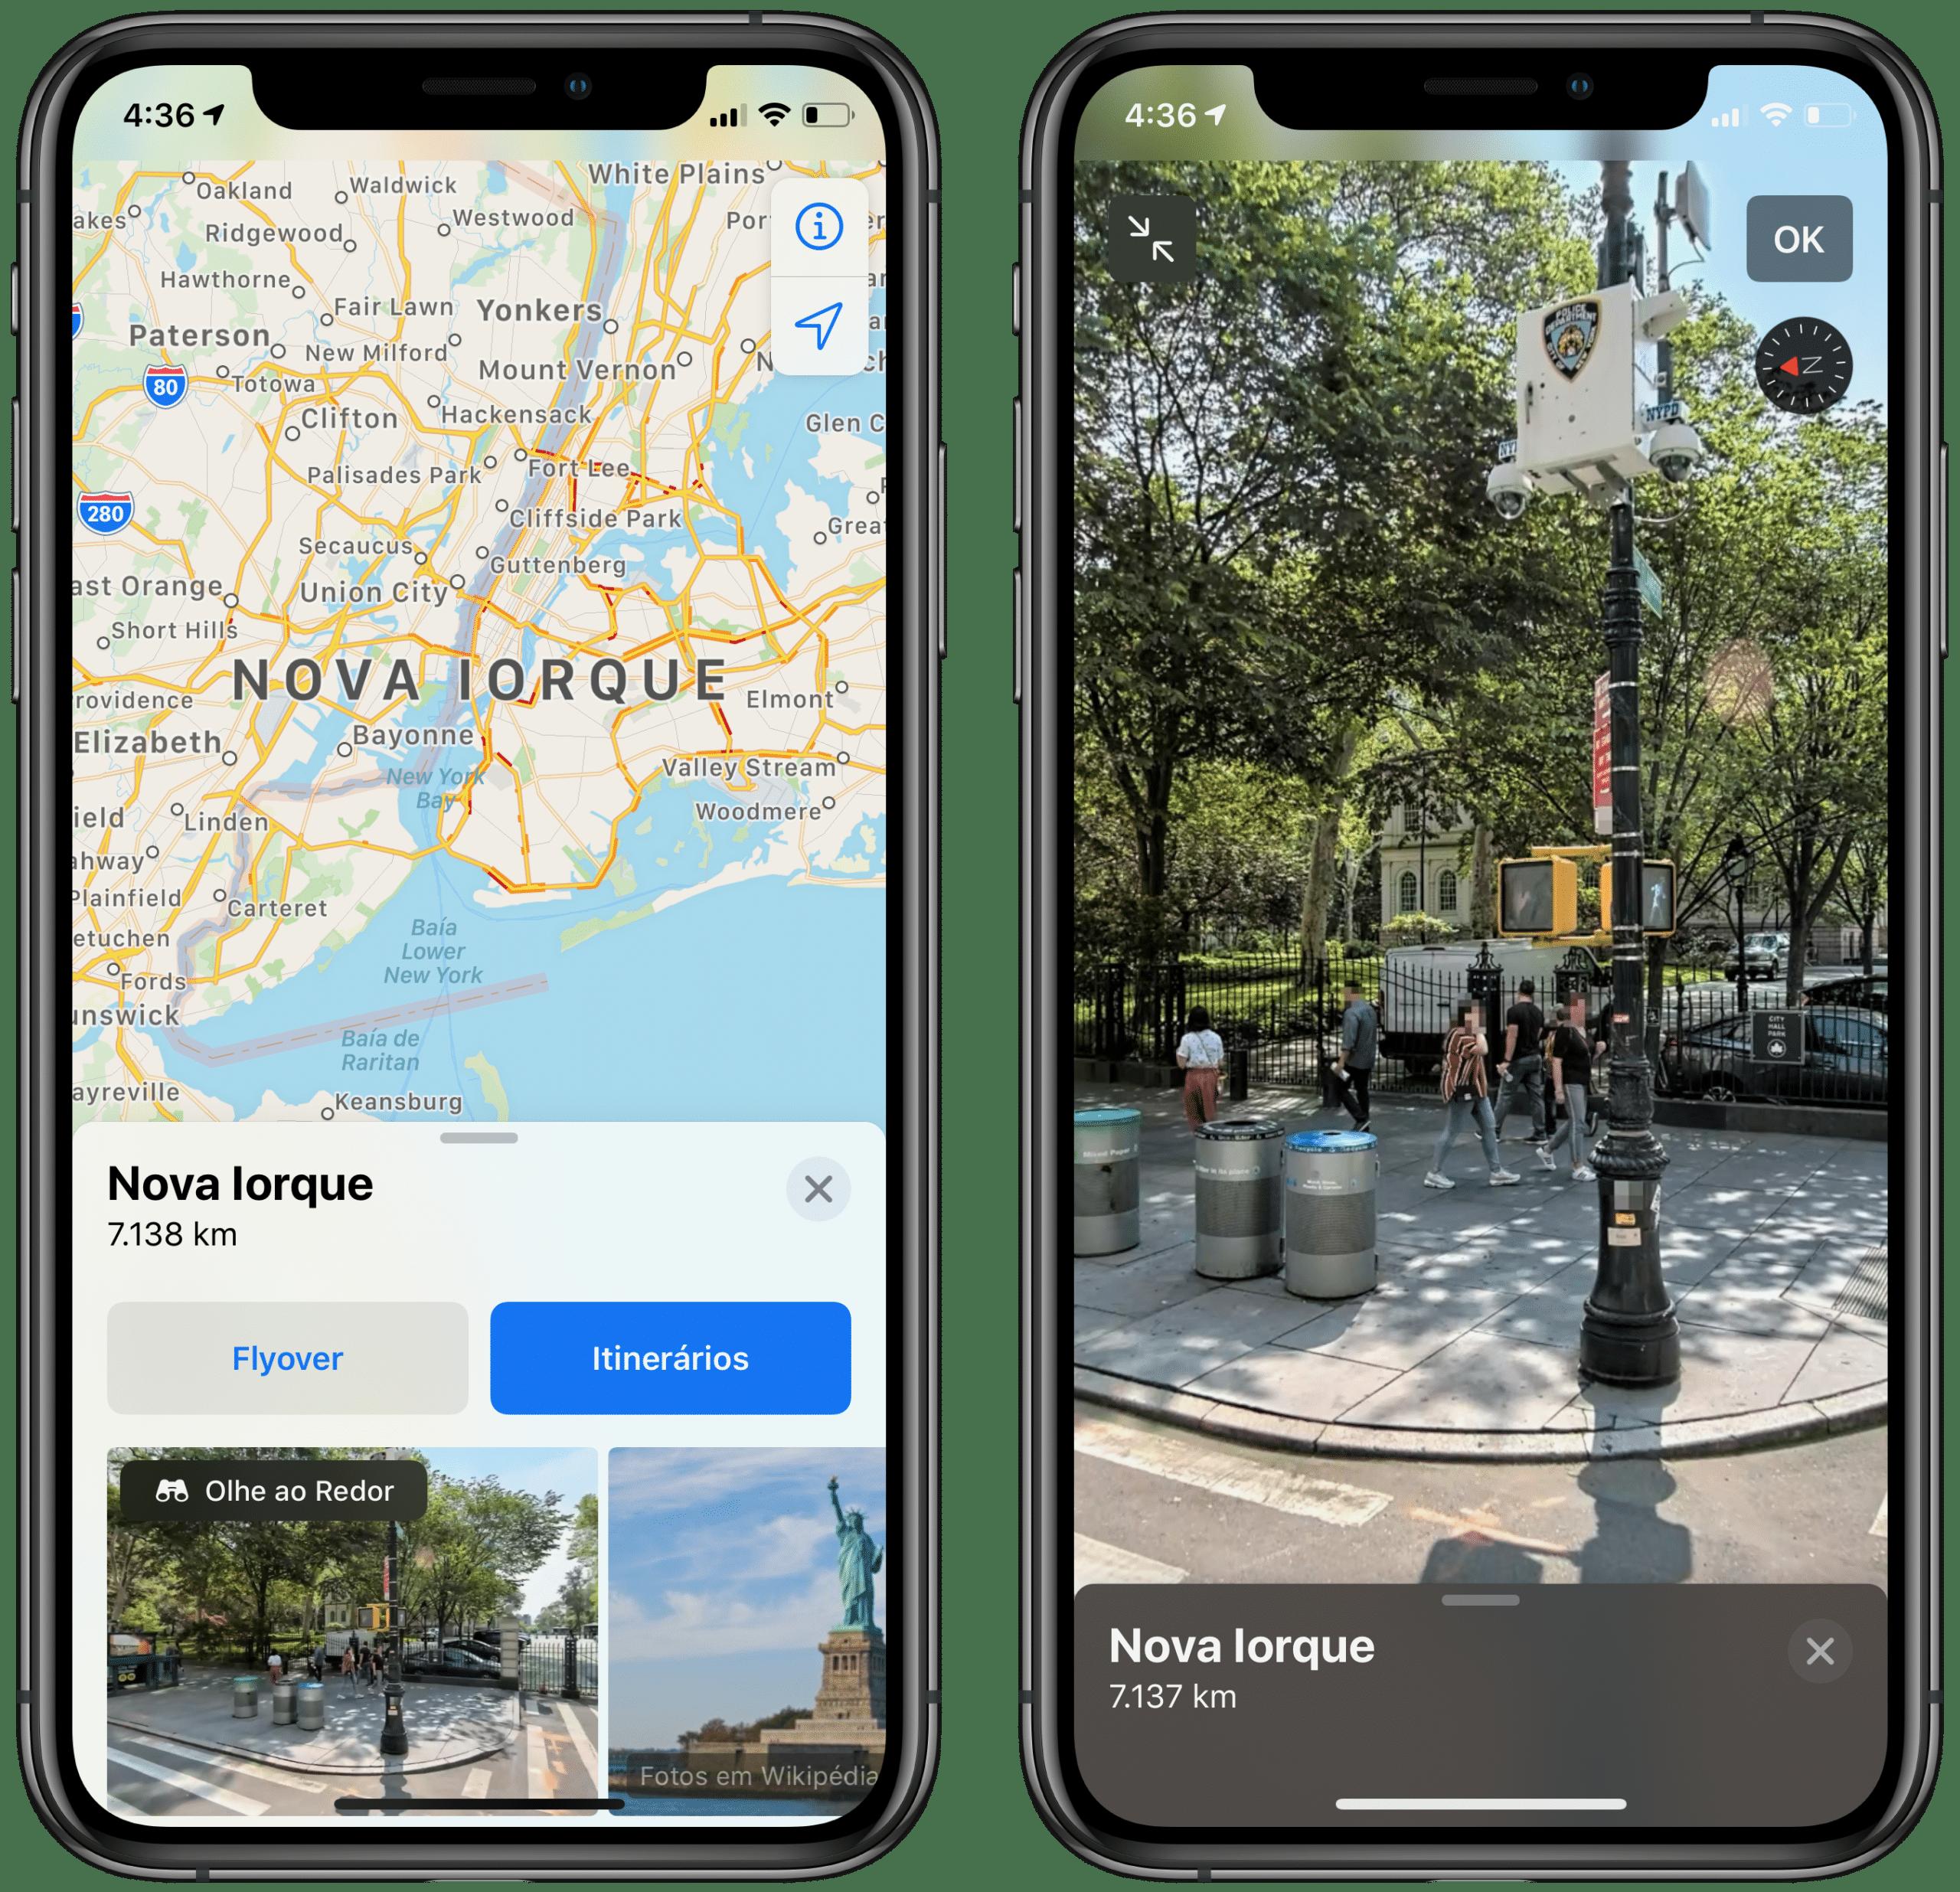 Olhe ao Redor no Apple Maps